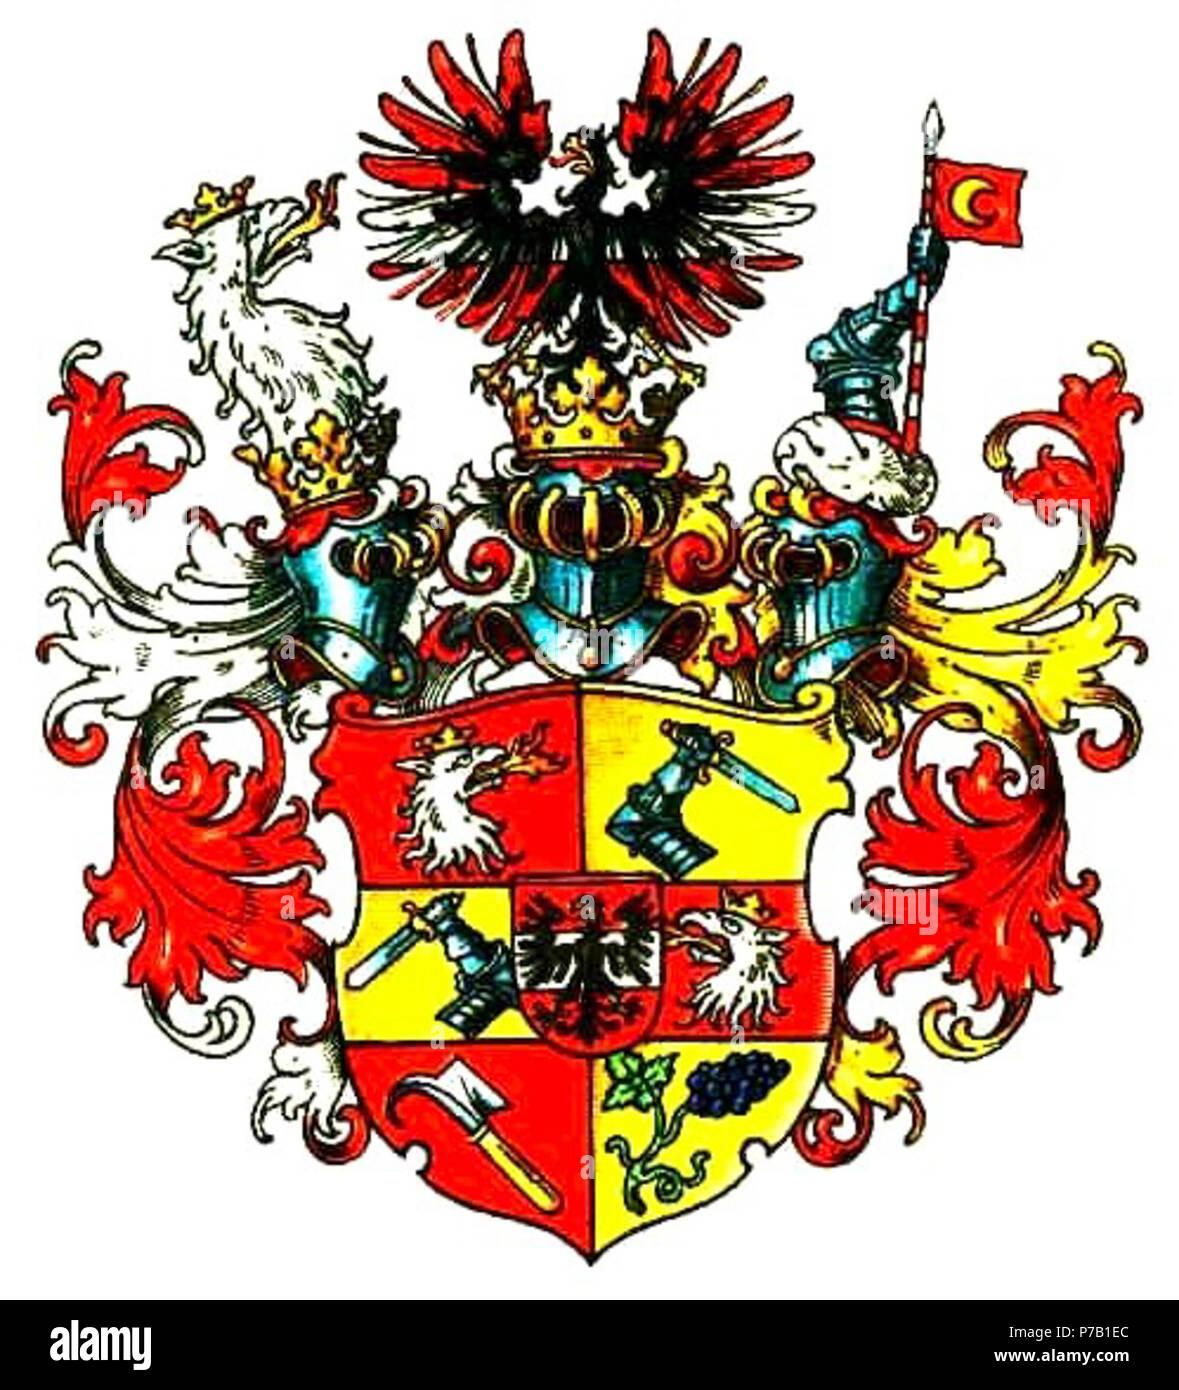 Wappen Graf Oppersdorff, Freiherr von Aich und Friedstein, Herr zu Oberglogau, gespalten und 2x geteilt (6 Felder) und mit rotem Herzschild, darin silberner Balken, das Ganze belegt mit schwarzem Adler, 1 und 4 in Rot feuerspeiender Kopf eines einwärts gekehrten silbenen Greifen (StW), 2 und 3 in Gold ein geharnischter Schwertarm, 5 in Rot ein schräg gestelltes goldenbegrifftes Rebmesser, 6 in Gold eine schräglinks liegende Rebe blauer Weintrauben (Stadt Oberglogau). 3 Helme: rechts mit r.-s. Decken der Greifenkopf samt Hals, auf dem mittleren mit rechts r.-s., links r.-g. Decken der Adler vor - Stock Image